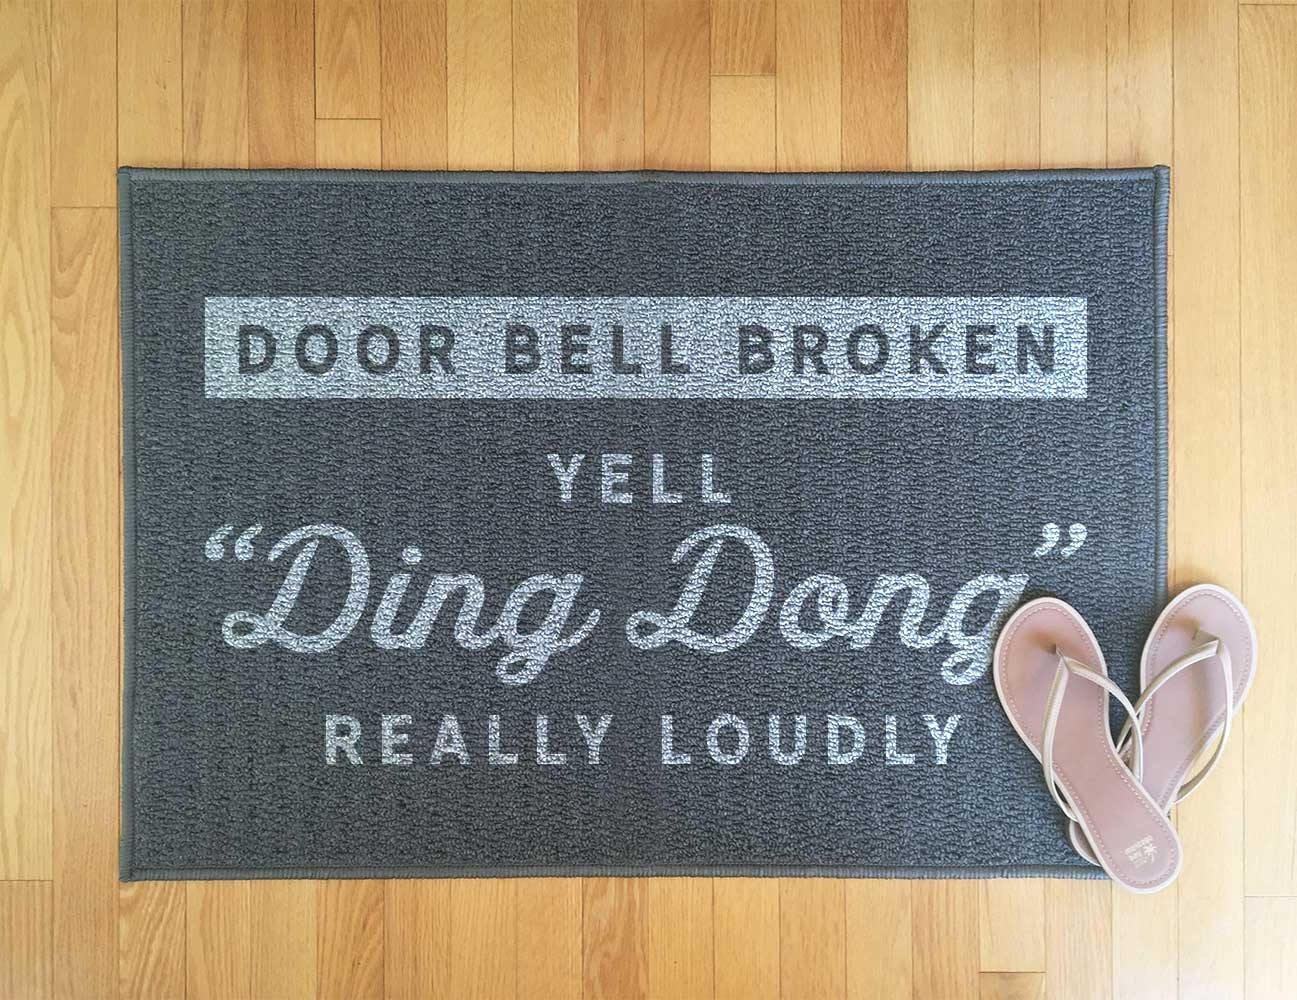 funny welcome mat funny front door mat indoor rug outdoor etsy. Black Bedroom Furniture Sets. Home Design Ideas